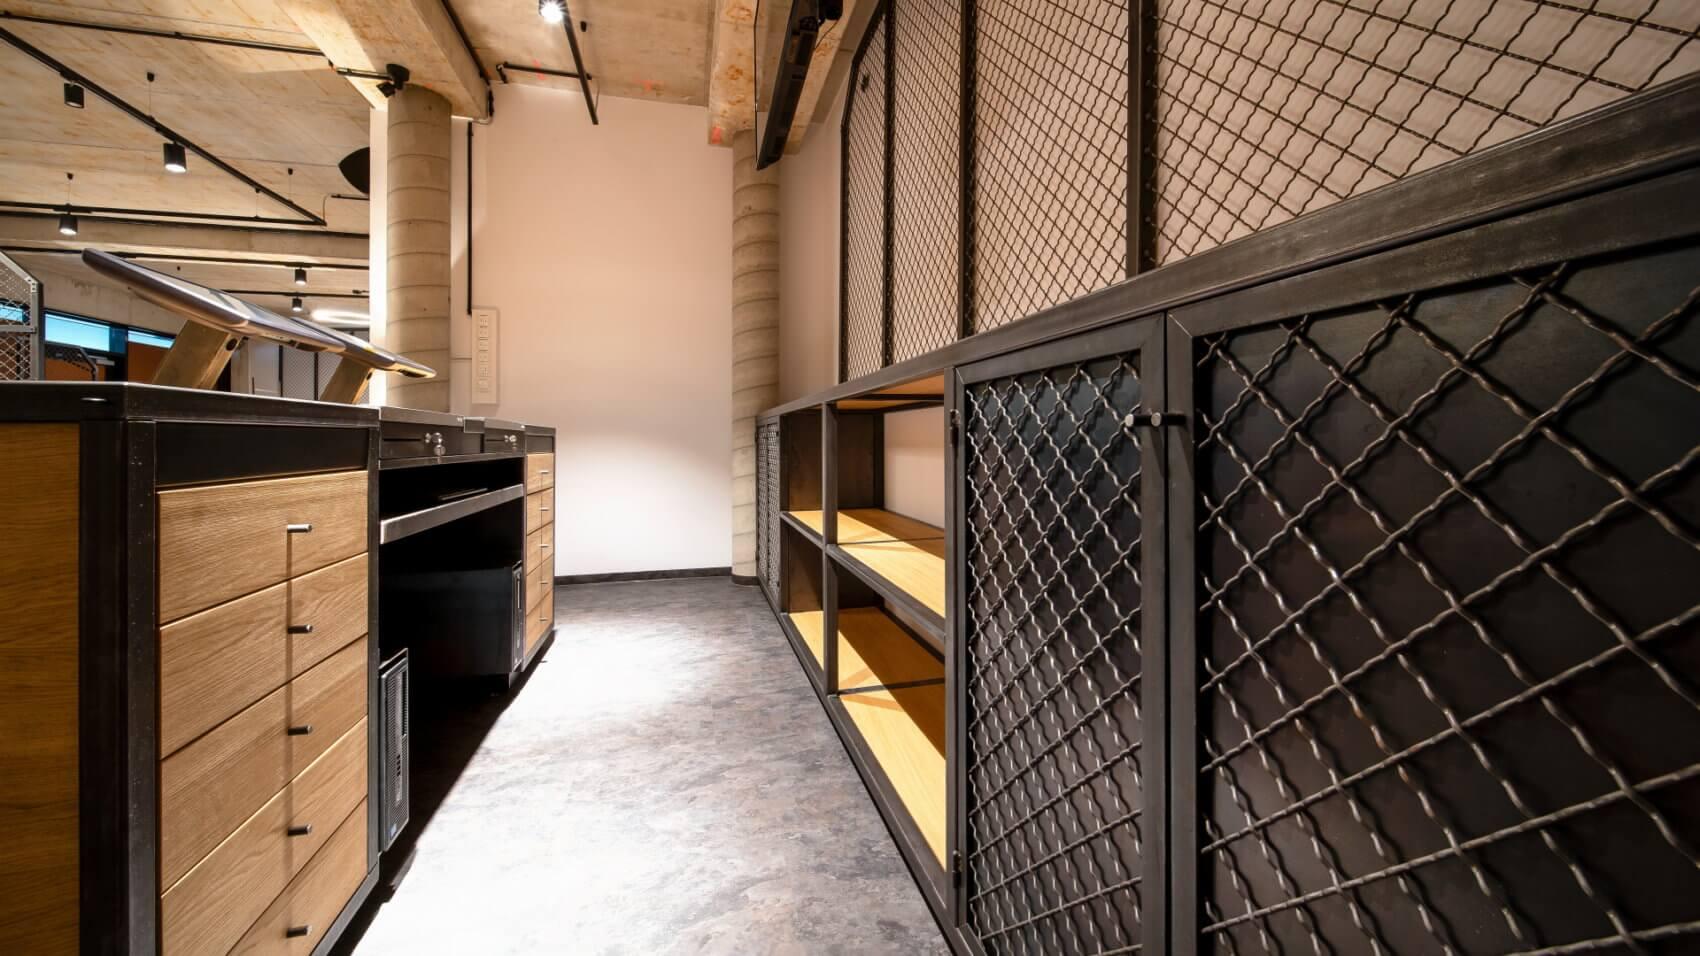 Durch die passenden Materialien hat Knes hier das Innenleben eines neuen Ladens gebaut.